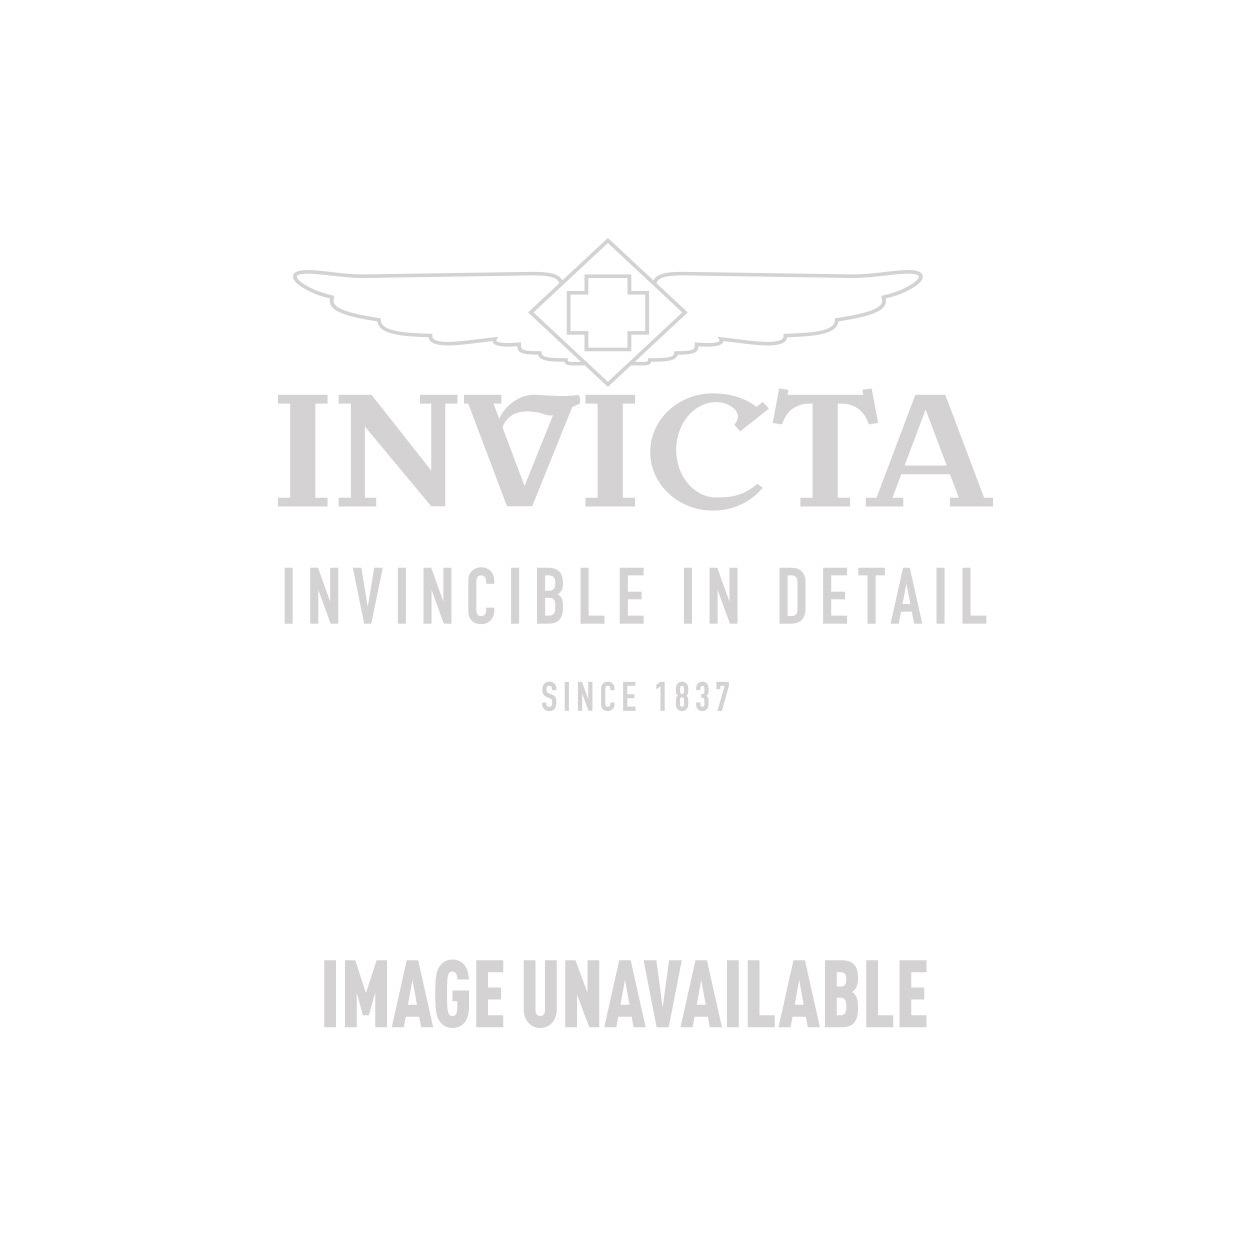 Invicta Model 29172